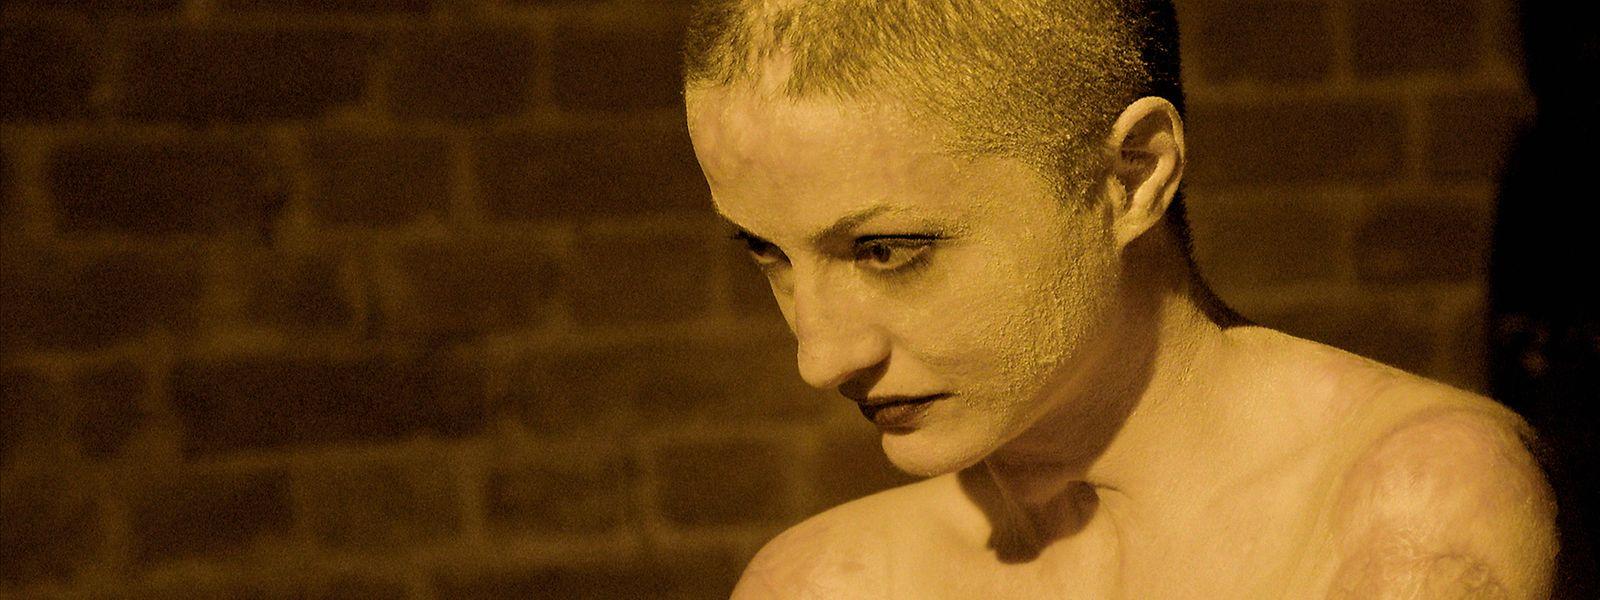 Tedy est l'une des victimes de l'incendie dévastateur du night-club Colectiv de Bucarest. Elle en porte les stigmates sur son corps.